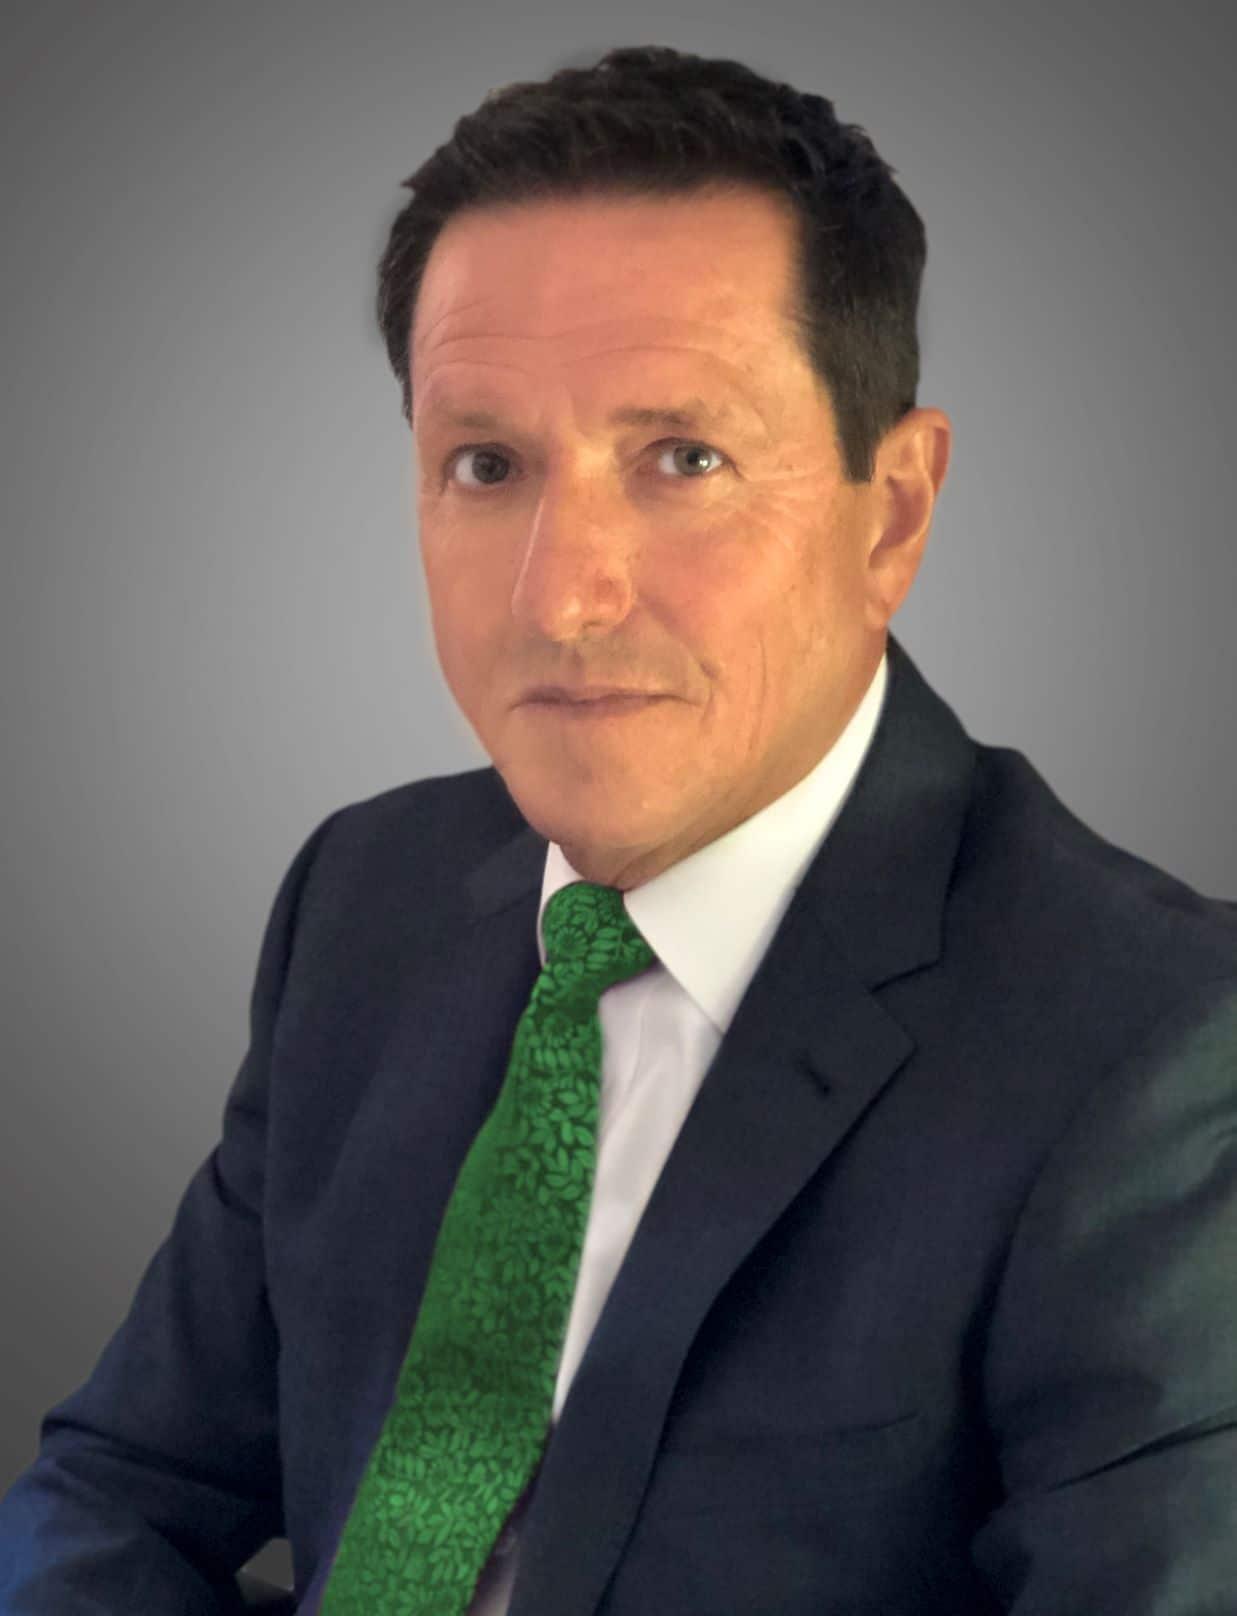 Alan Sinfield